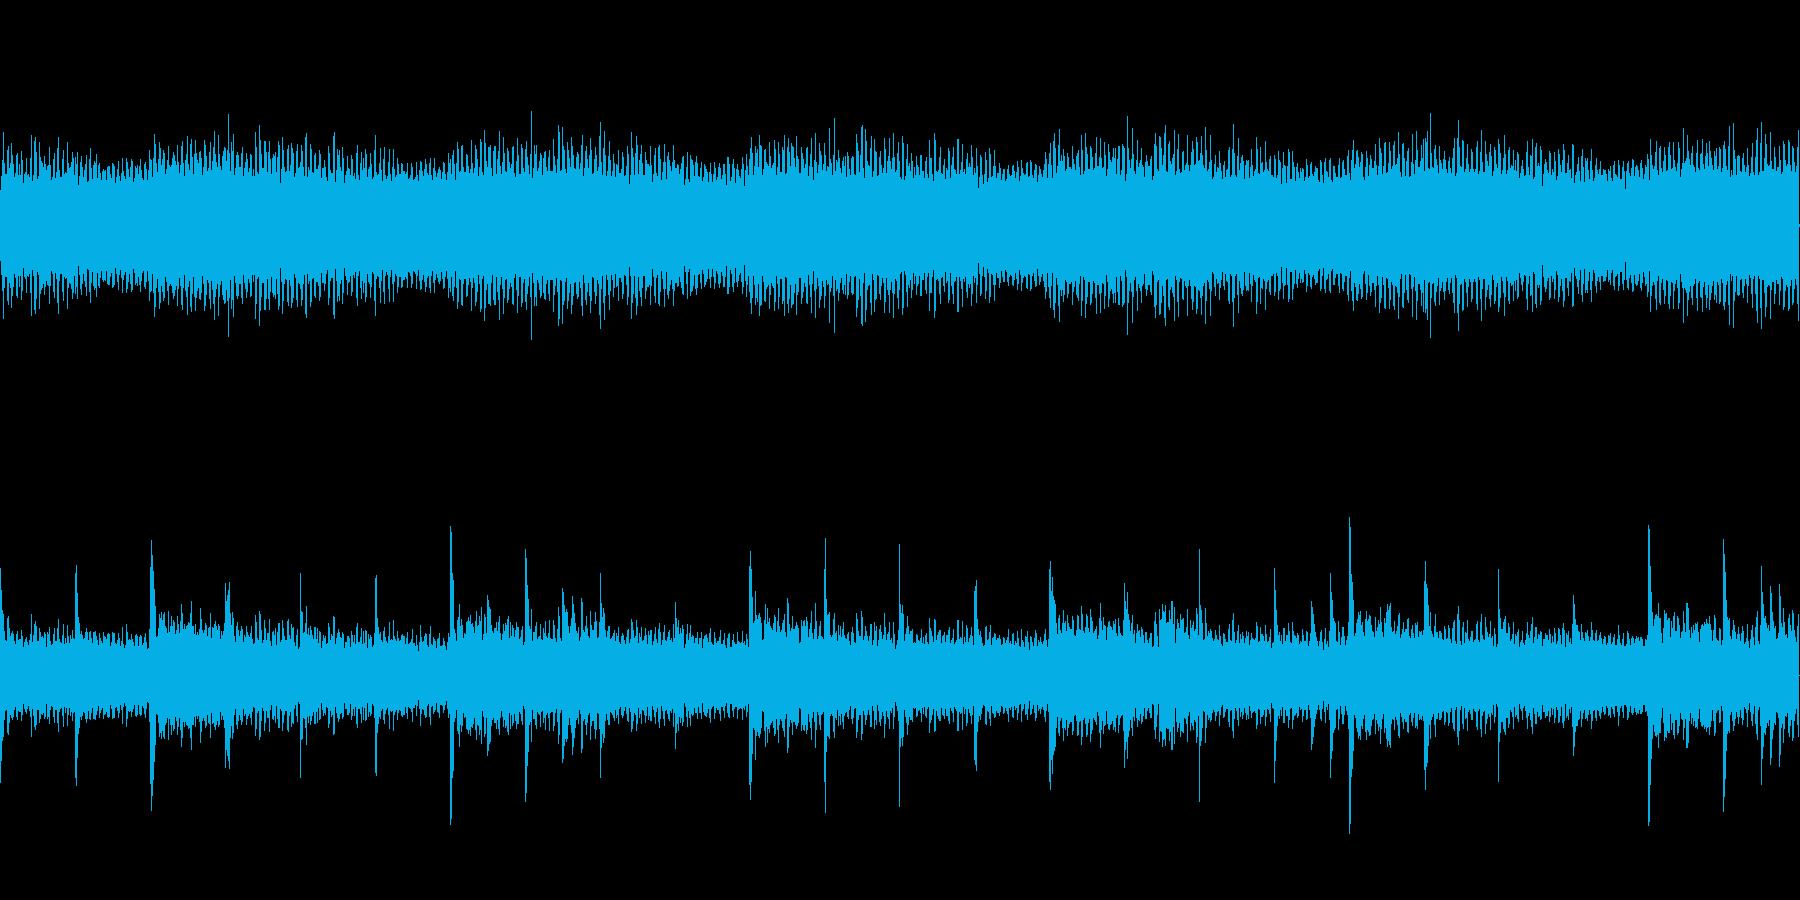 【ドラム・ベース抜き】おしゃれでメロデ…の再生済みの波形